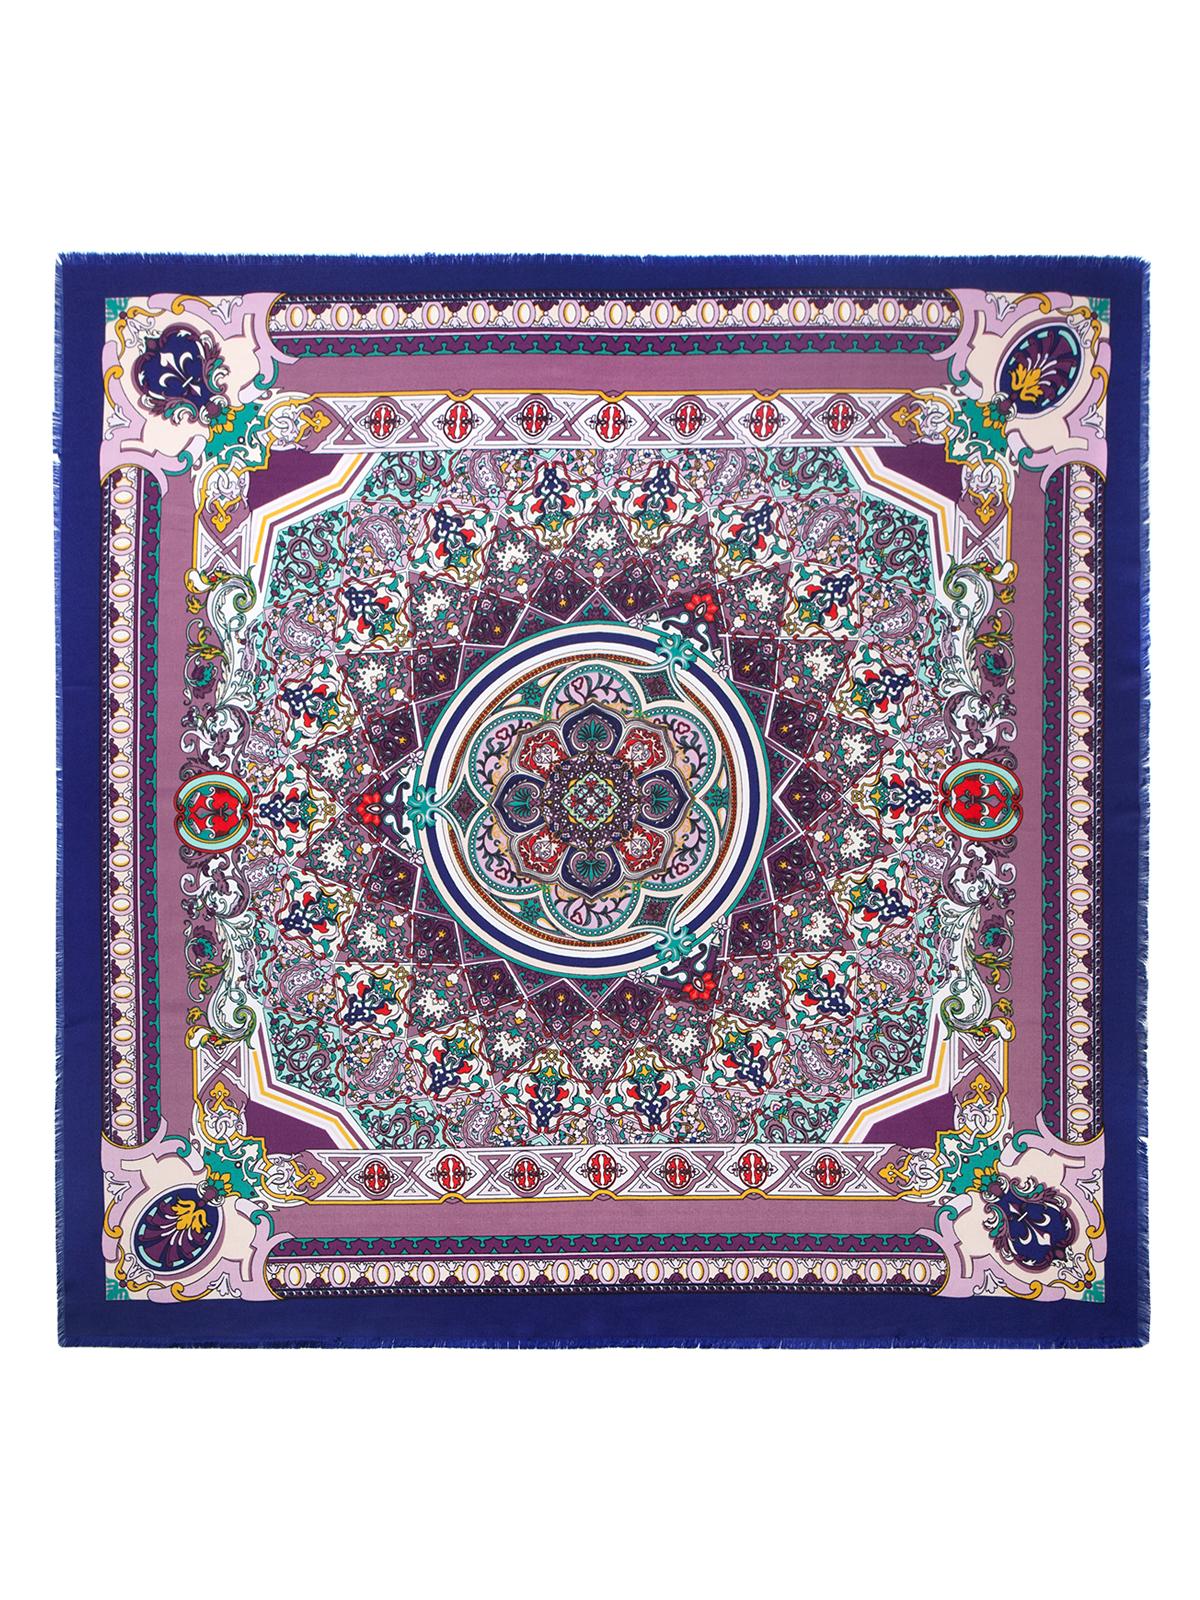 Платок женский Labbra, цвет: лиловый, мультицвет. LSZ33-526. Размер 110 см х 110 смLSZ33-526Платок от Labbra изготовлен из вискозы с добавлением шерсти и оформлен ярким принтом. Края изделия декорированы бахромой.